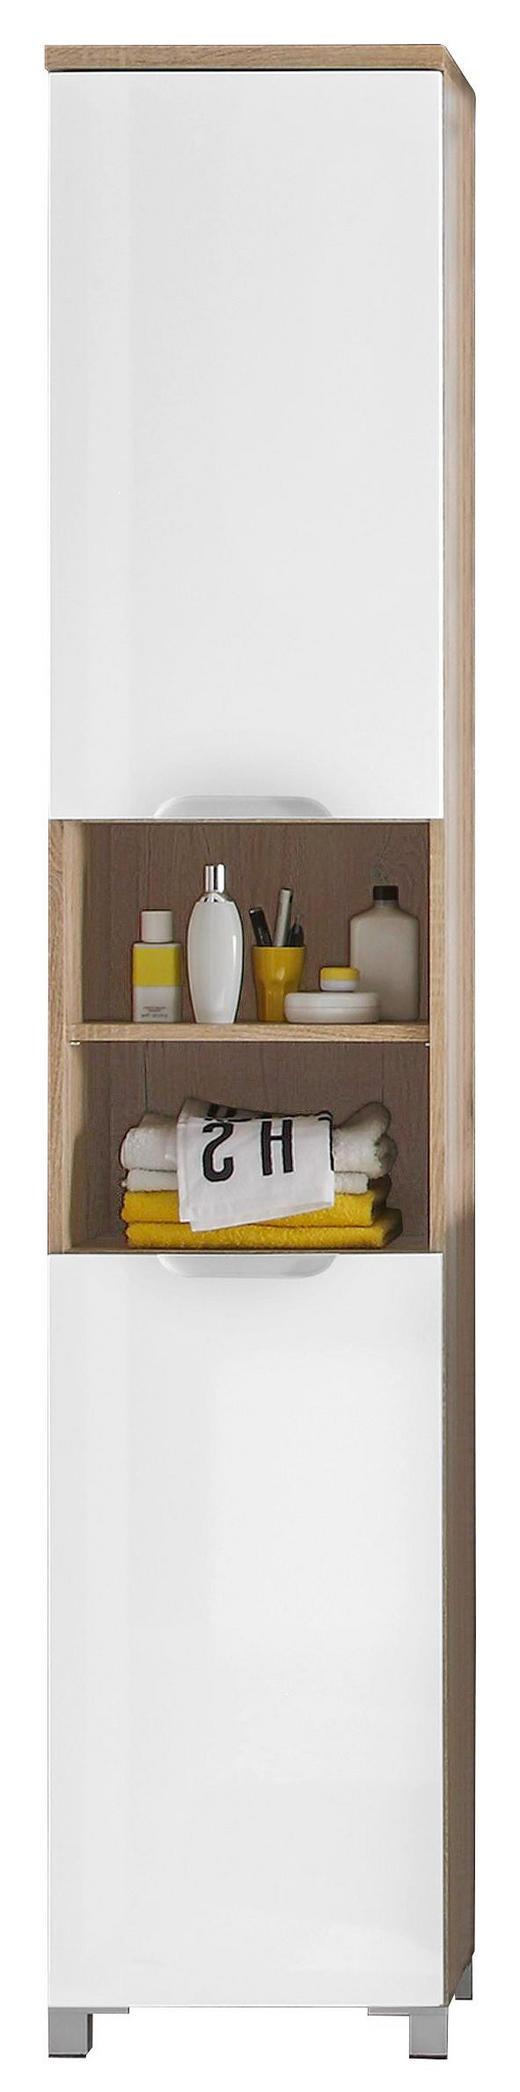 HOCHSCHRANK Weiß - Eichefarben/Silberfarben, Design, Holz/Holzwerkstoff (40/194/32cm) - Xora